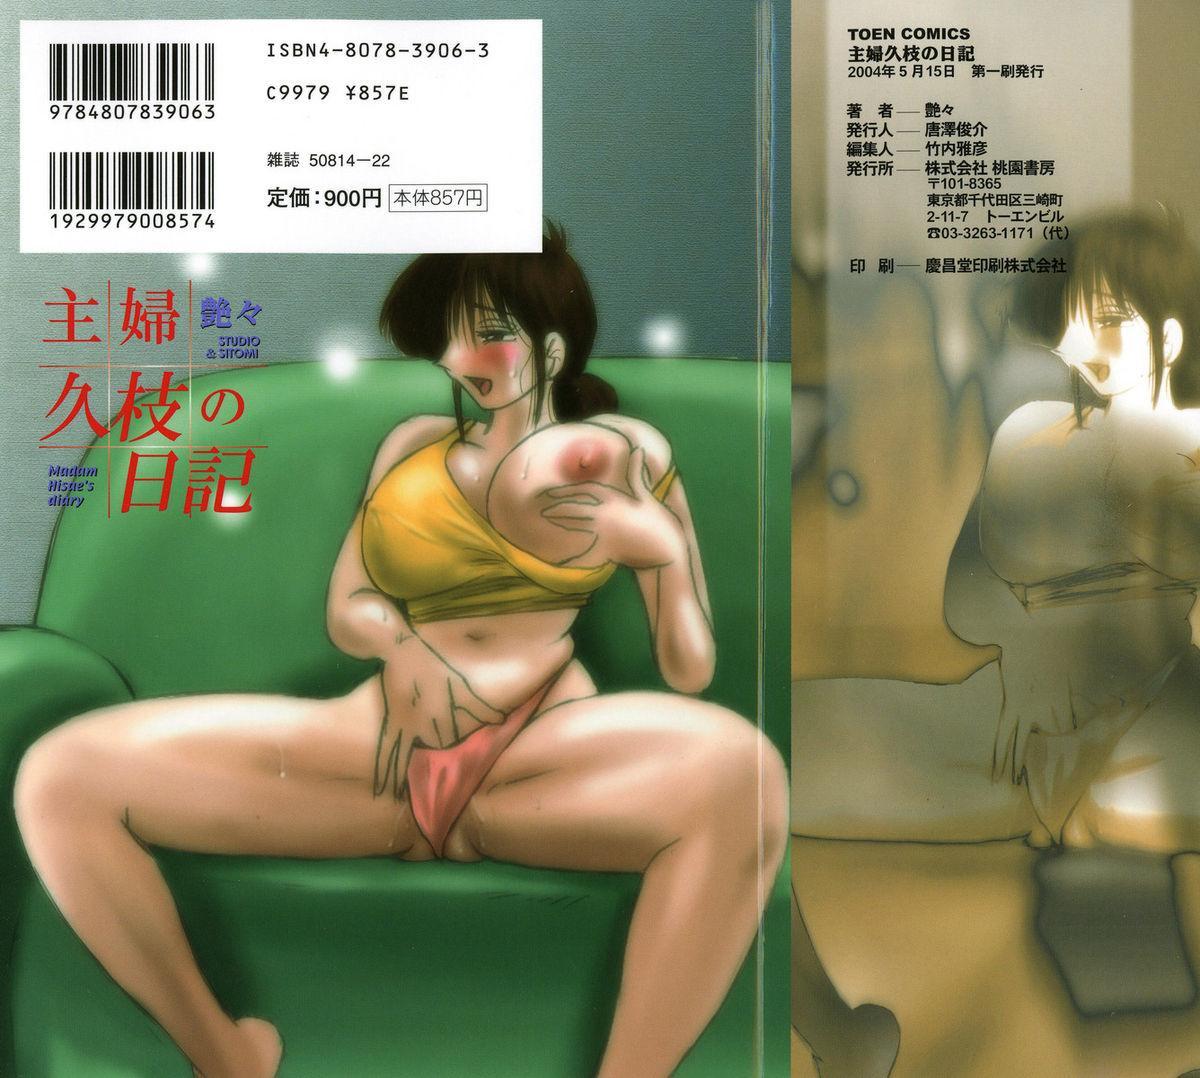 Shufu Hisae no Nikki - Madam Hisae's Diary 1